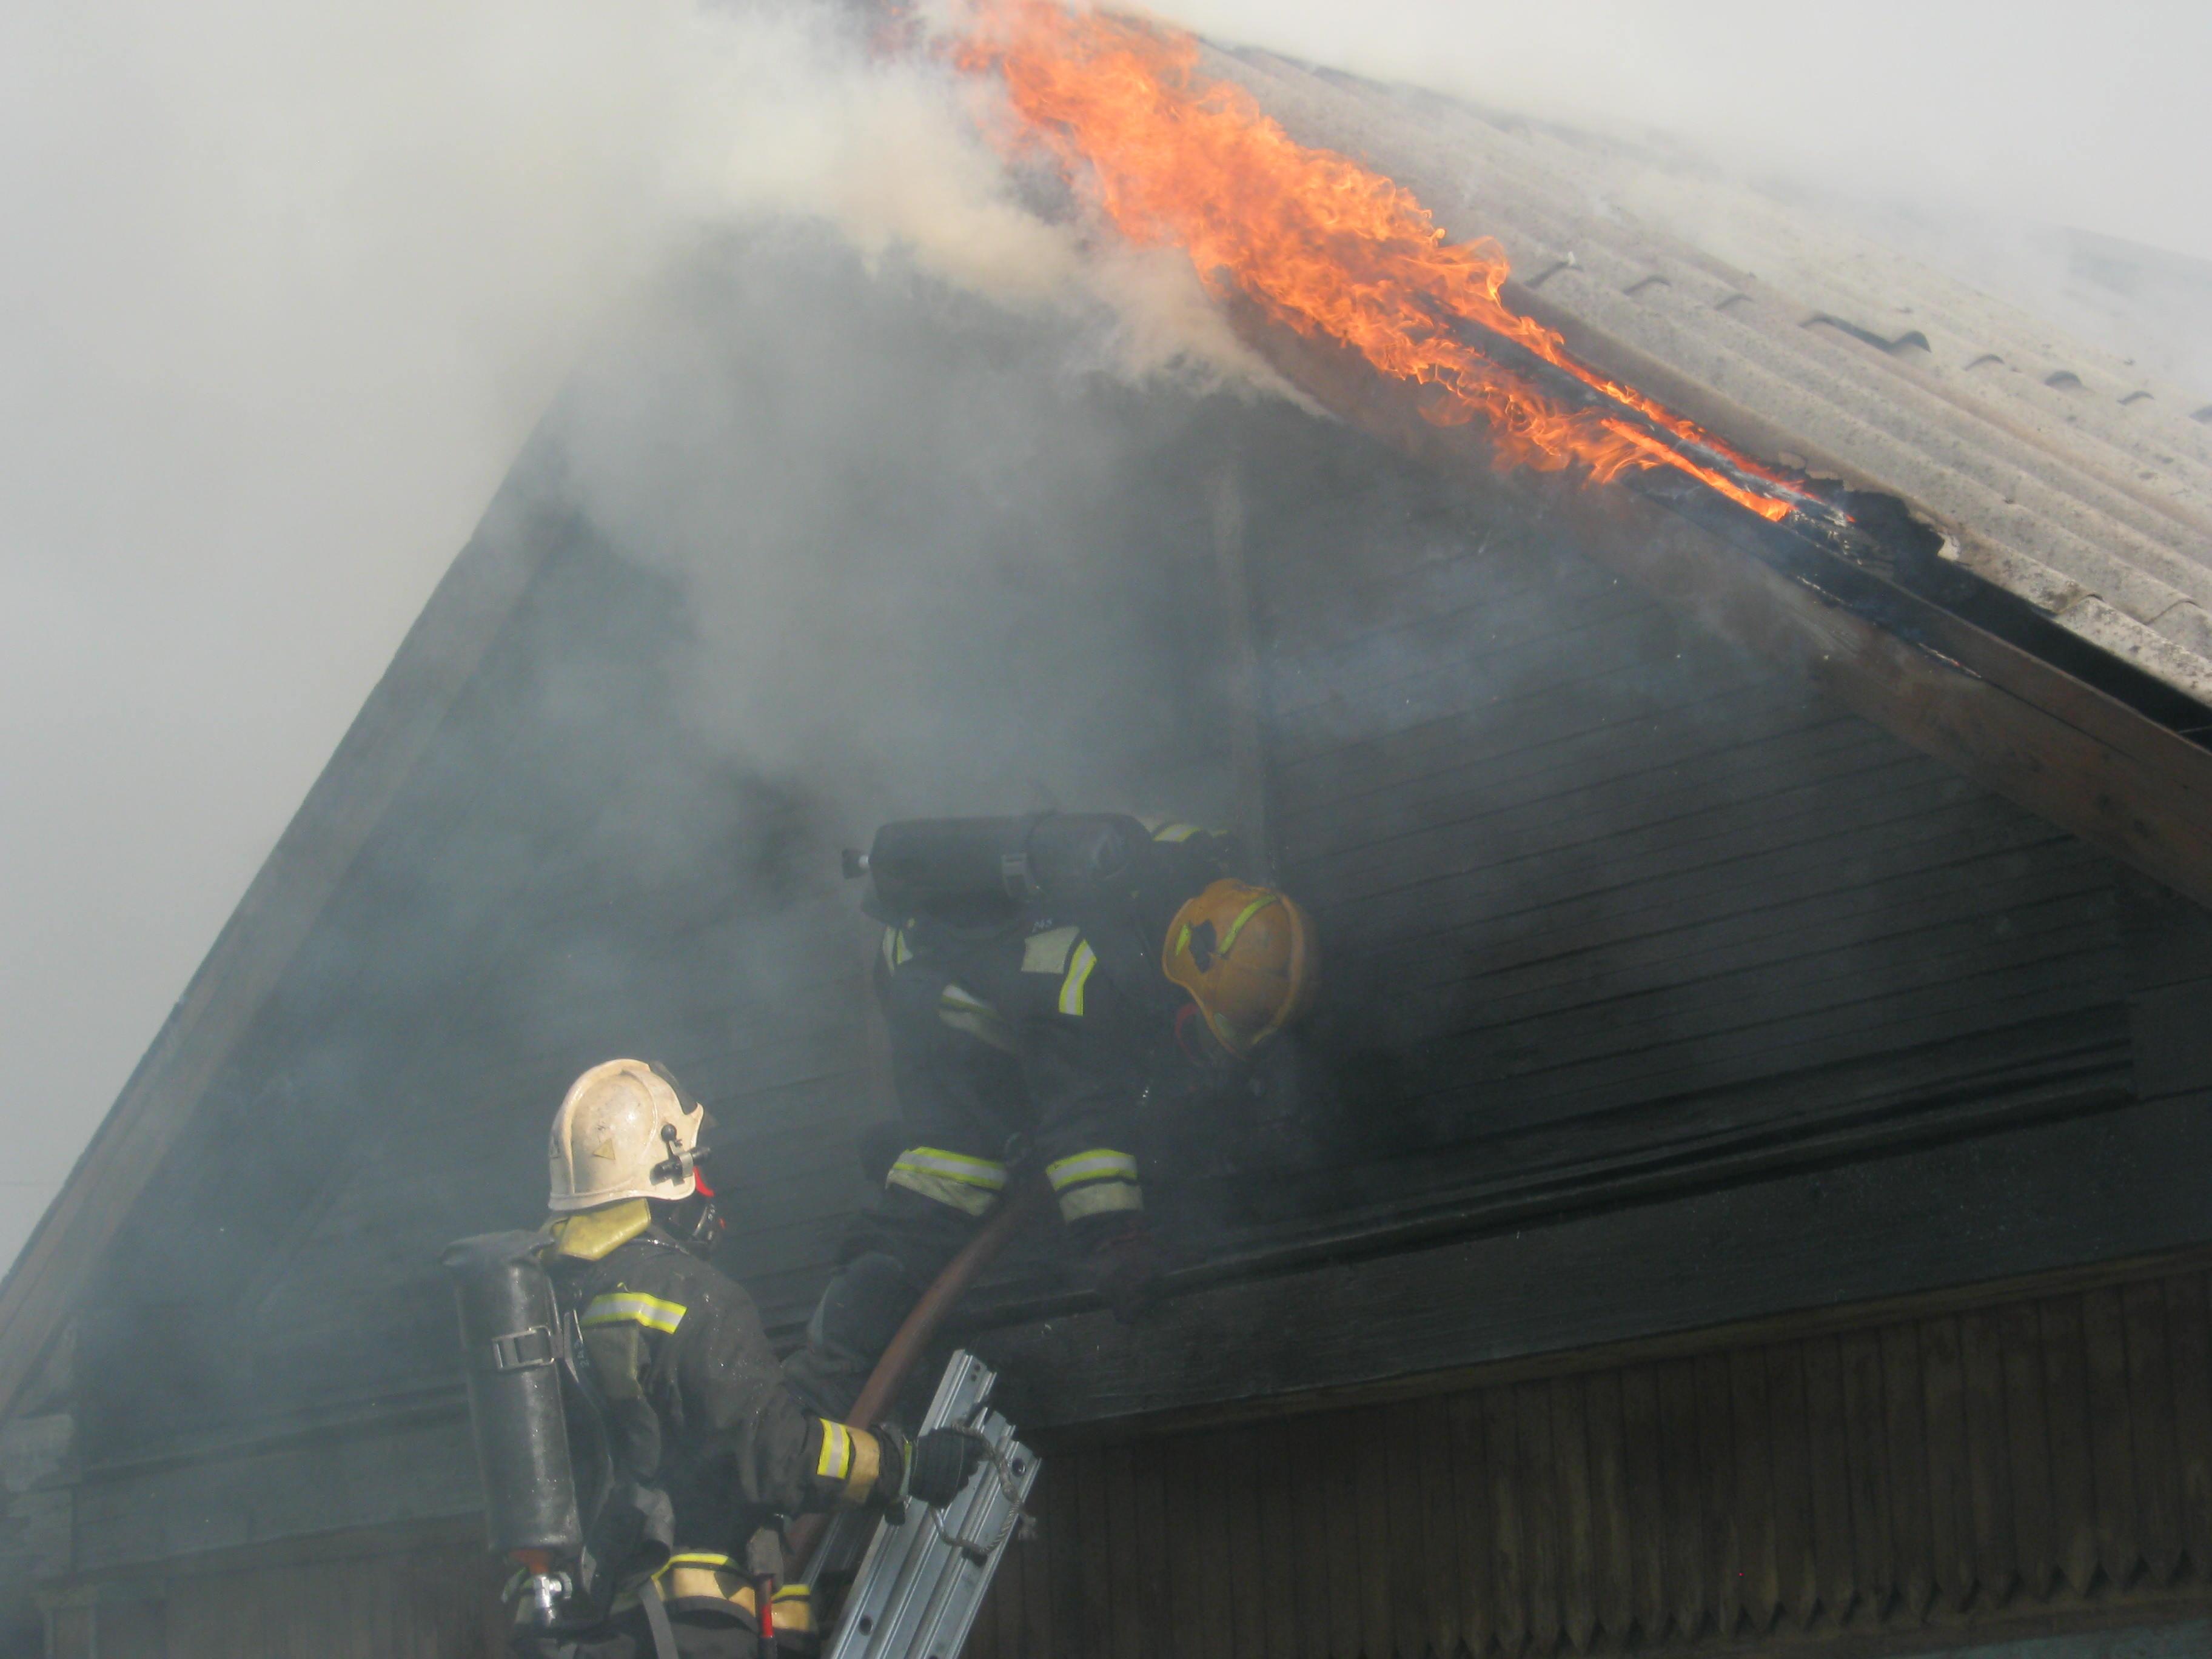 Пожарно-спасательные подразделения ликвидировали пожар в г. Суоярви.